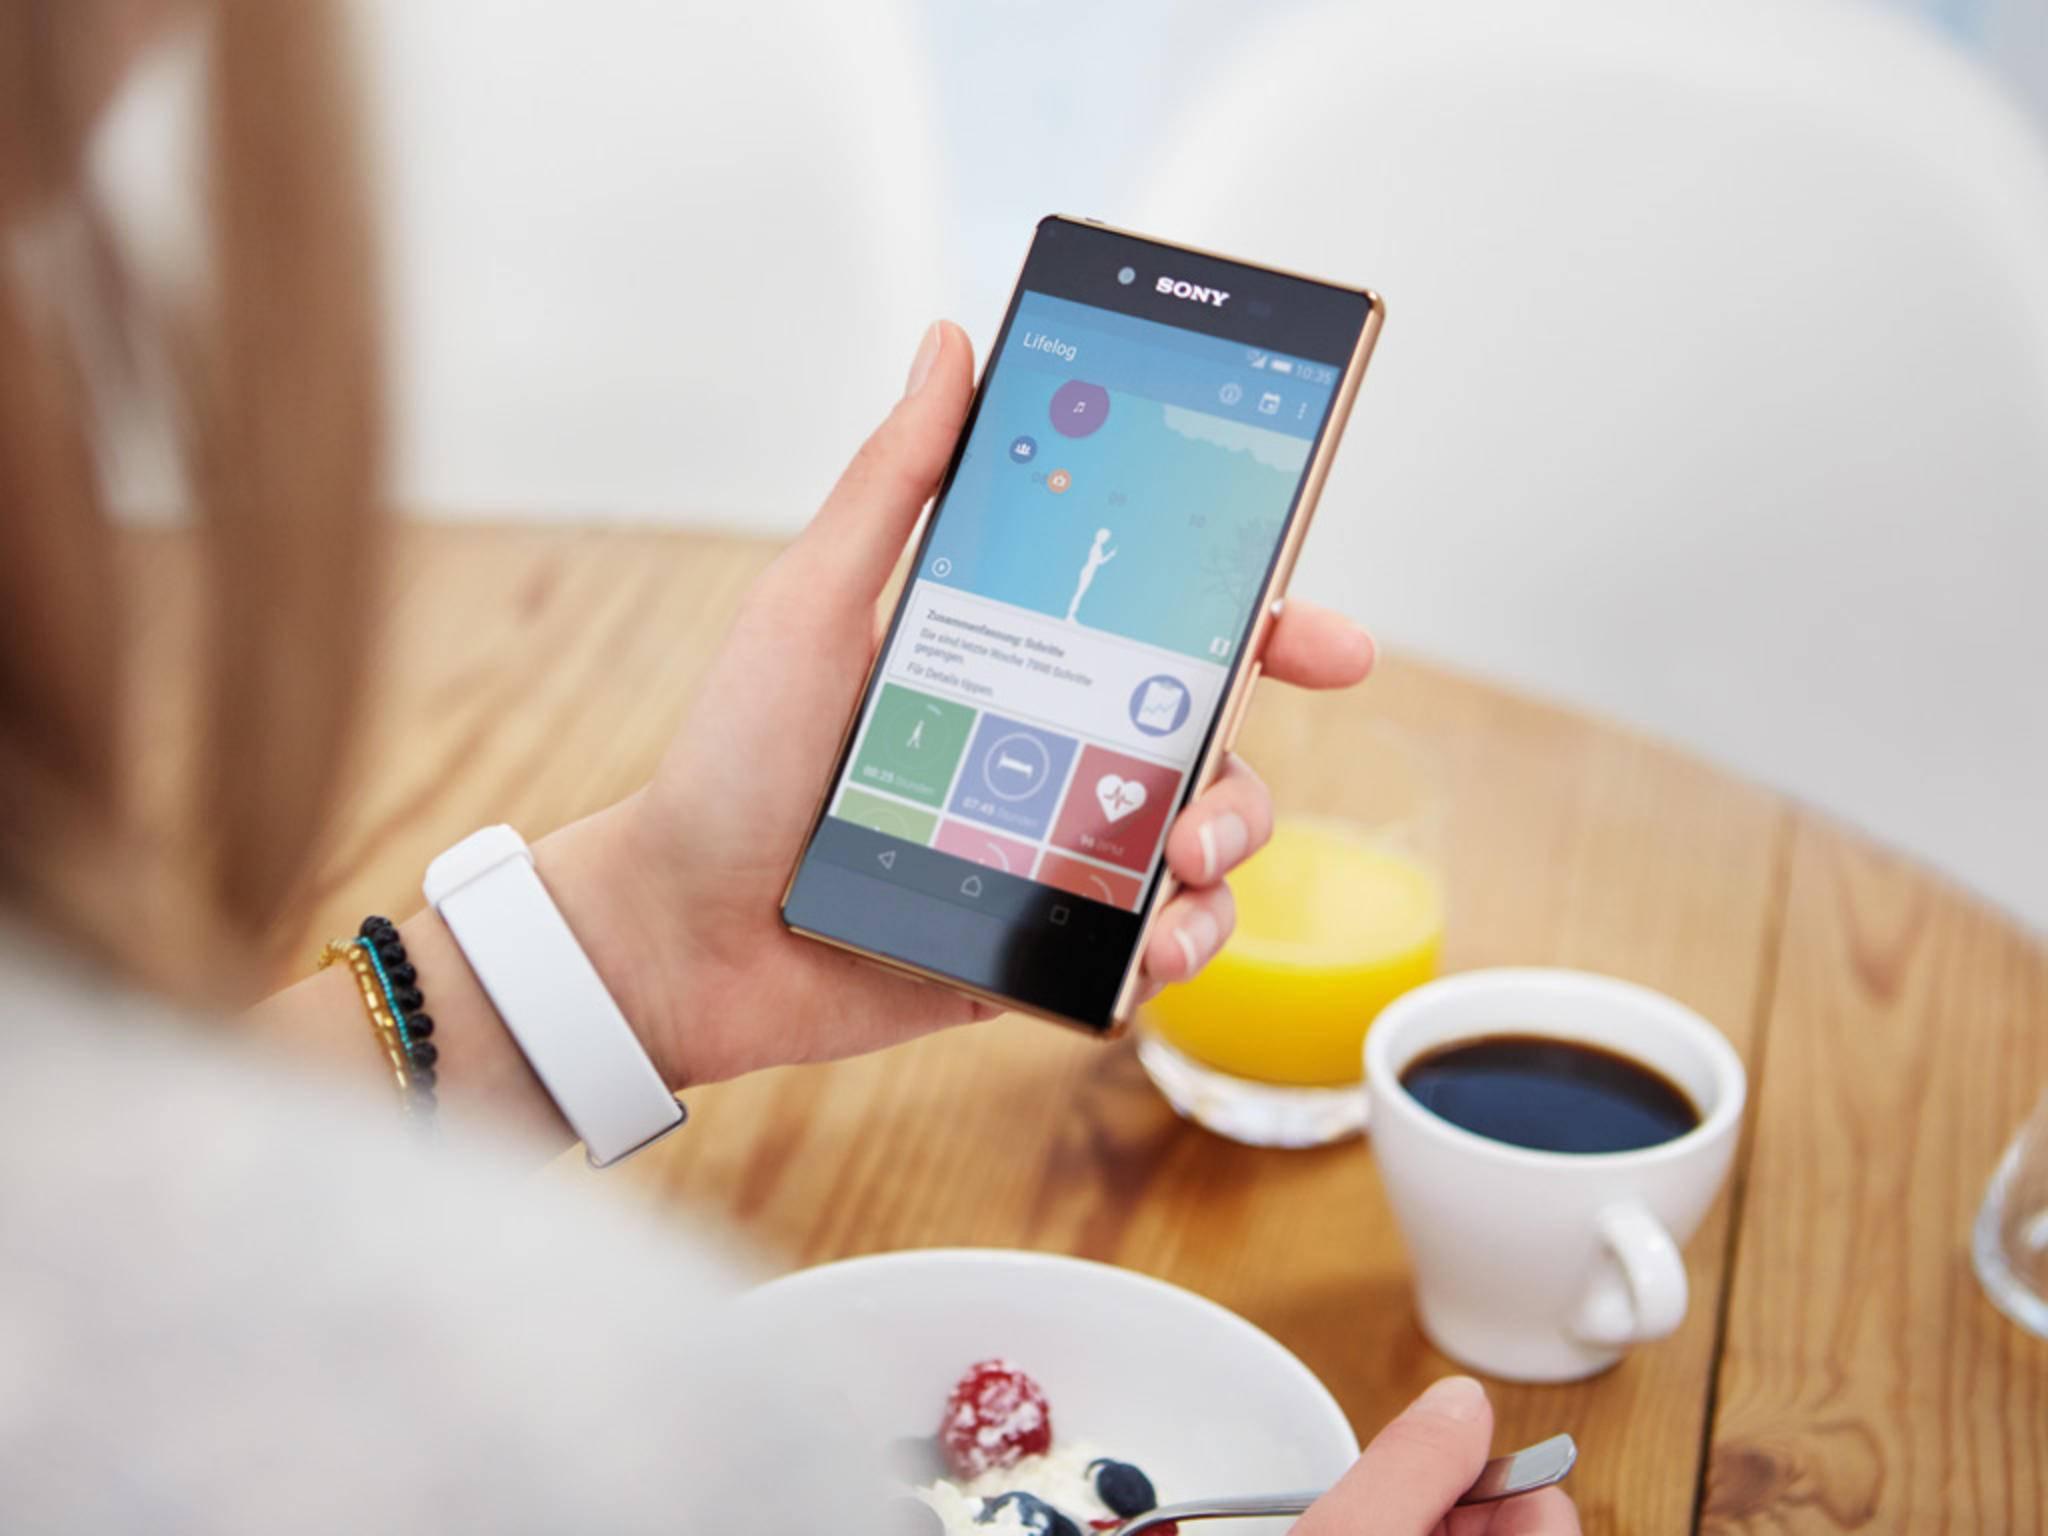 Sony-SmartBand2-10